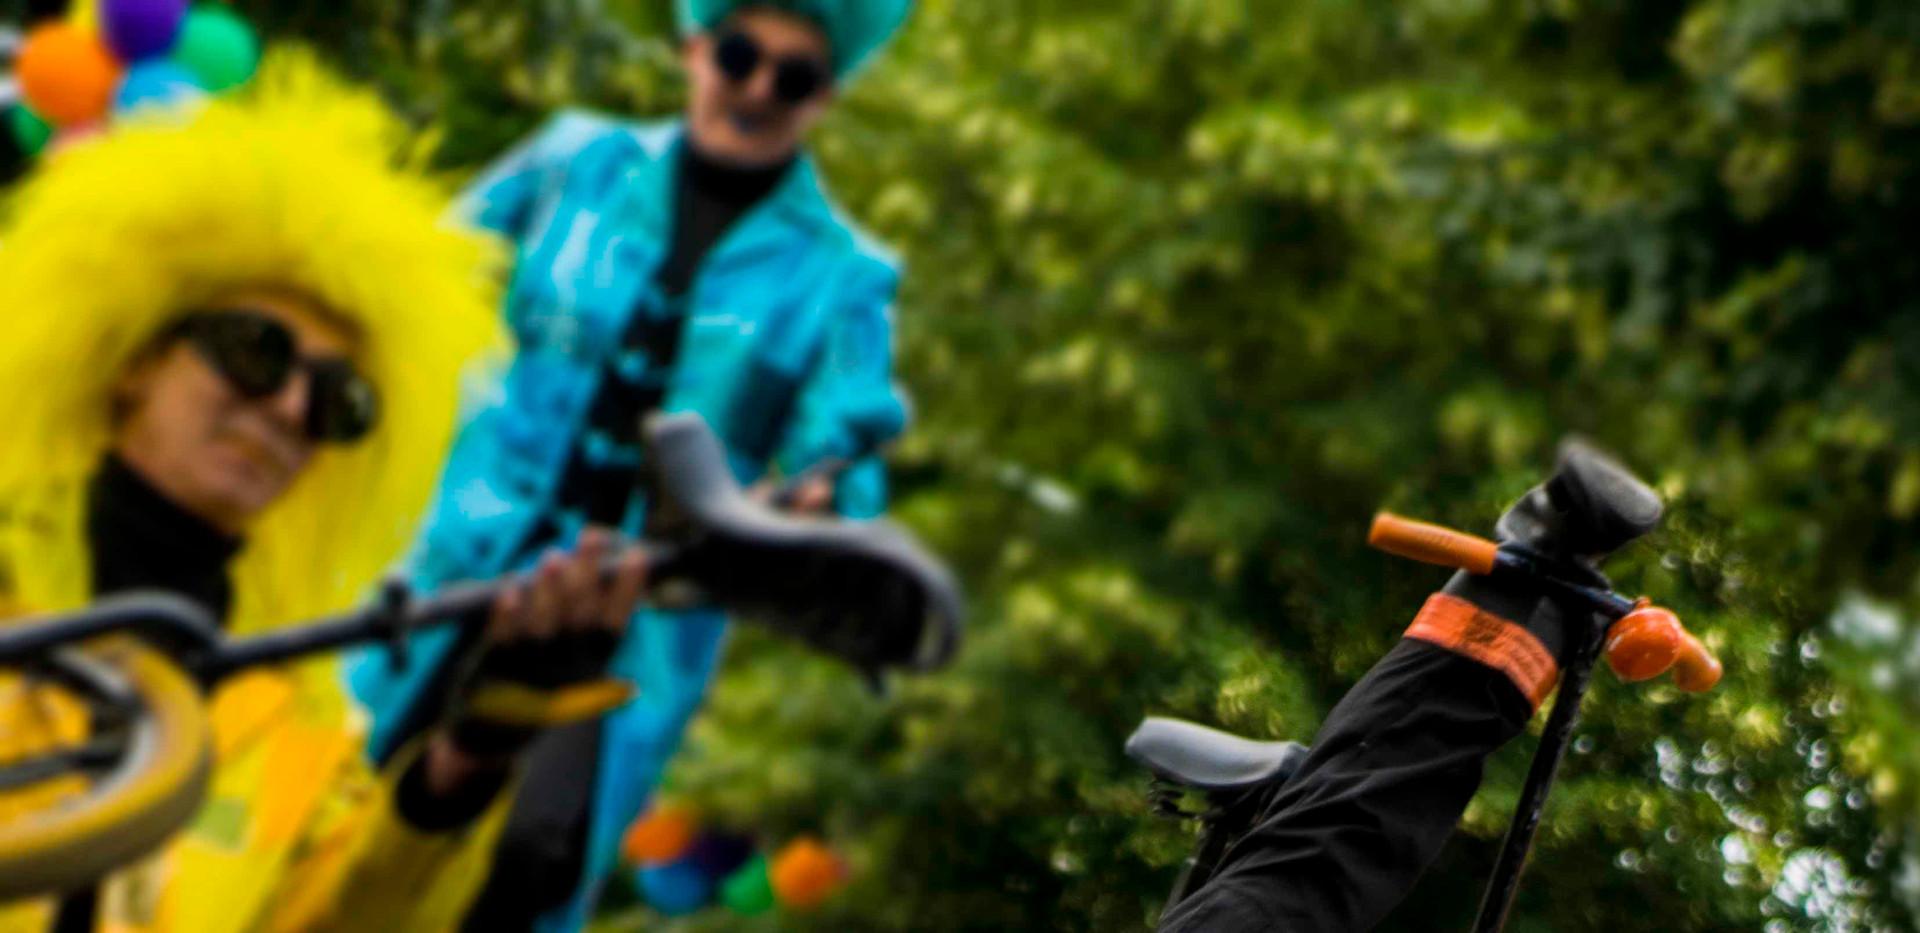 UniQcycle velo du future bikers family c